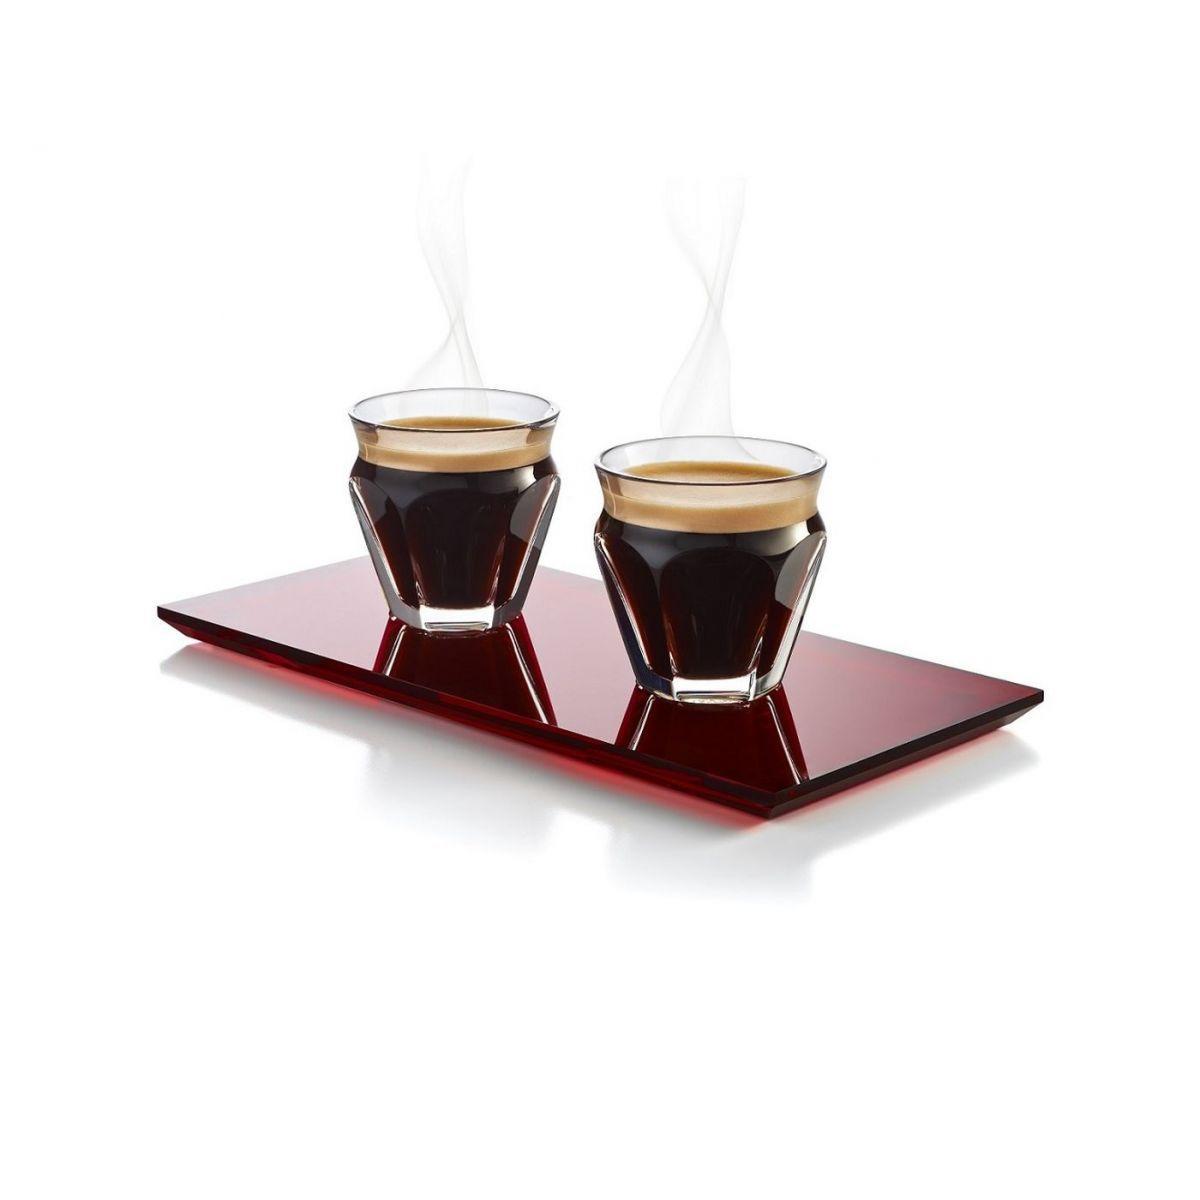 Jogo de cafê Harcourt, Baccarat, 2805283